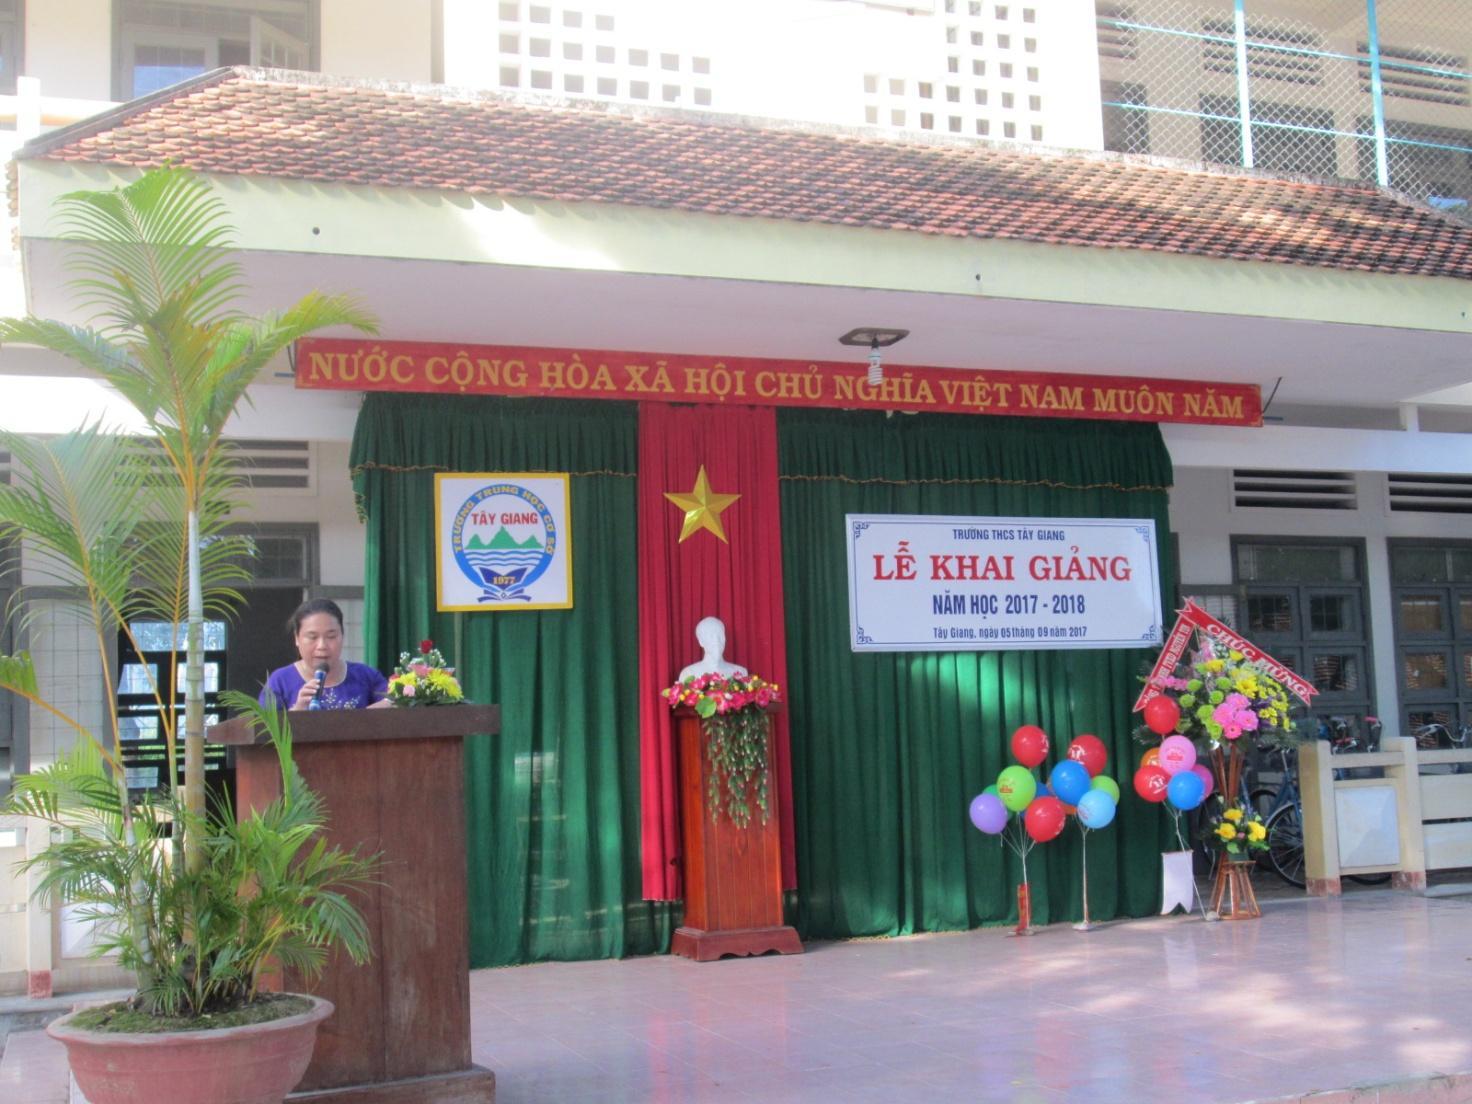 Cô Nguyễn Thị Diễm Chi – Phó Bí thư Đảng ủy xã Tây Giang đọc toàn văn thư của Chủ tịch nước Trần Đại Quang gửi cán bộ, giáo viên và các em học sinh, sinh viên.